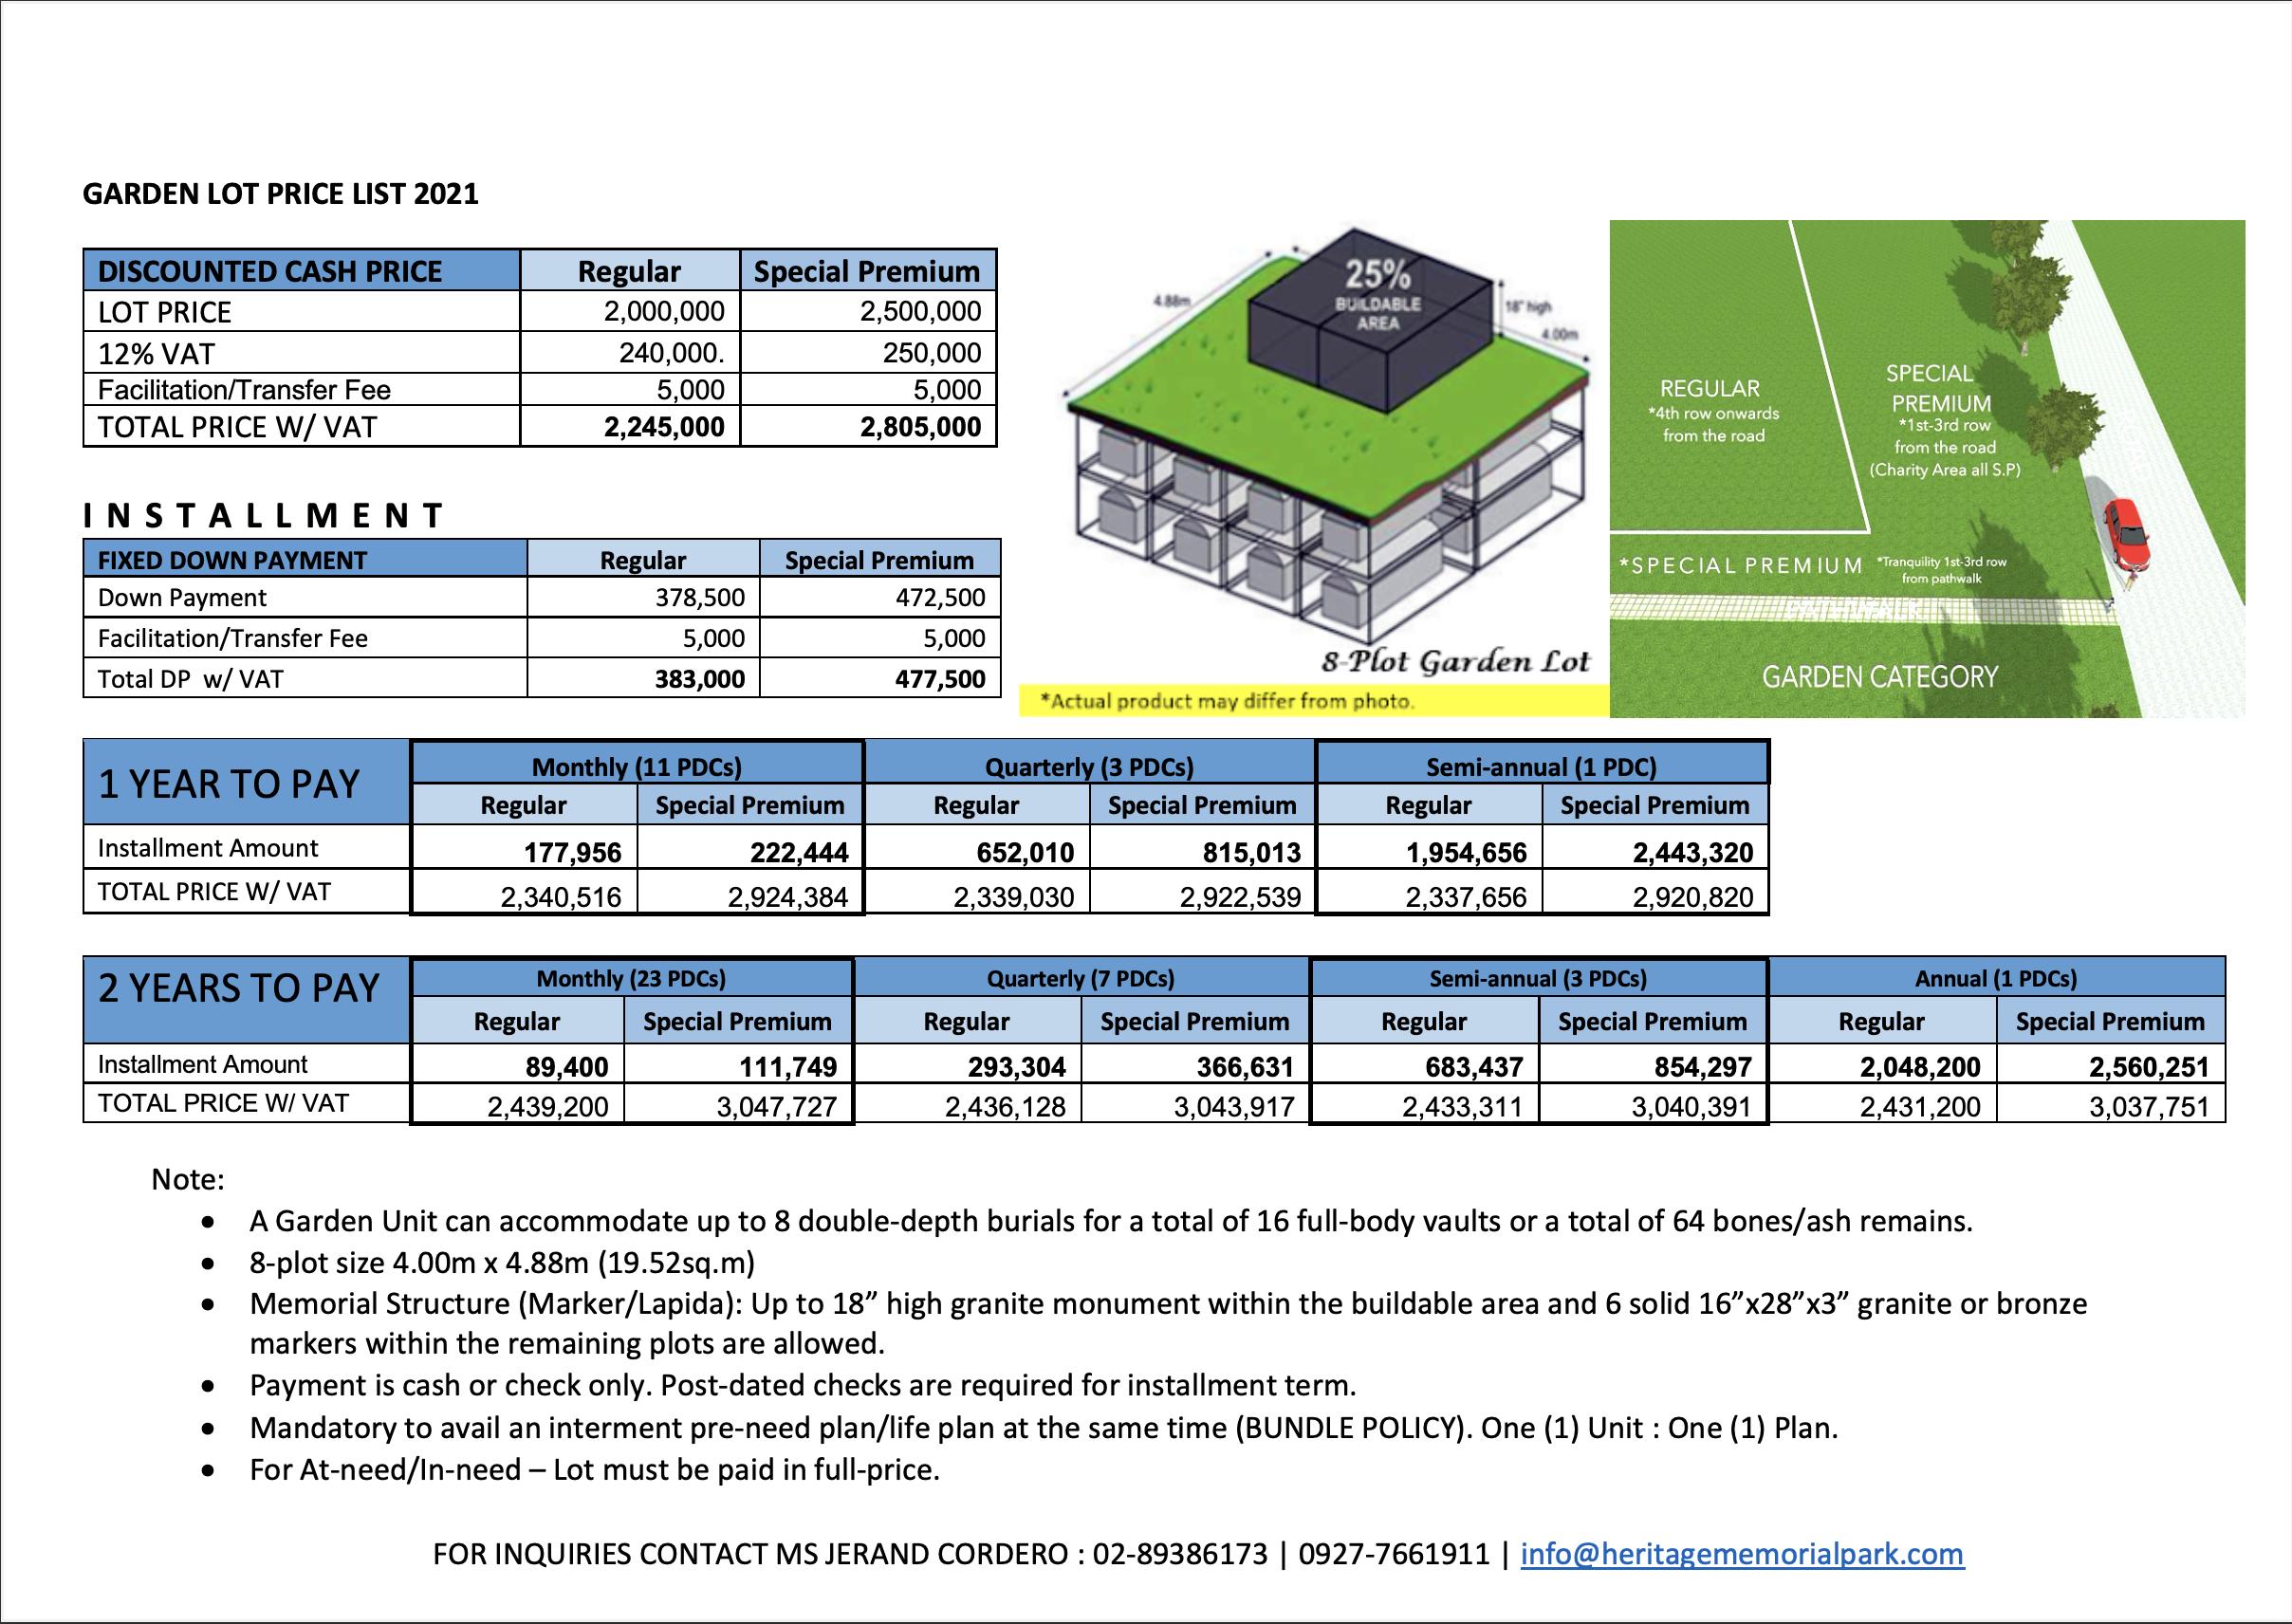 Heritage Park Garden Memorial Lot price list 2021